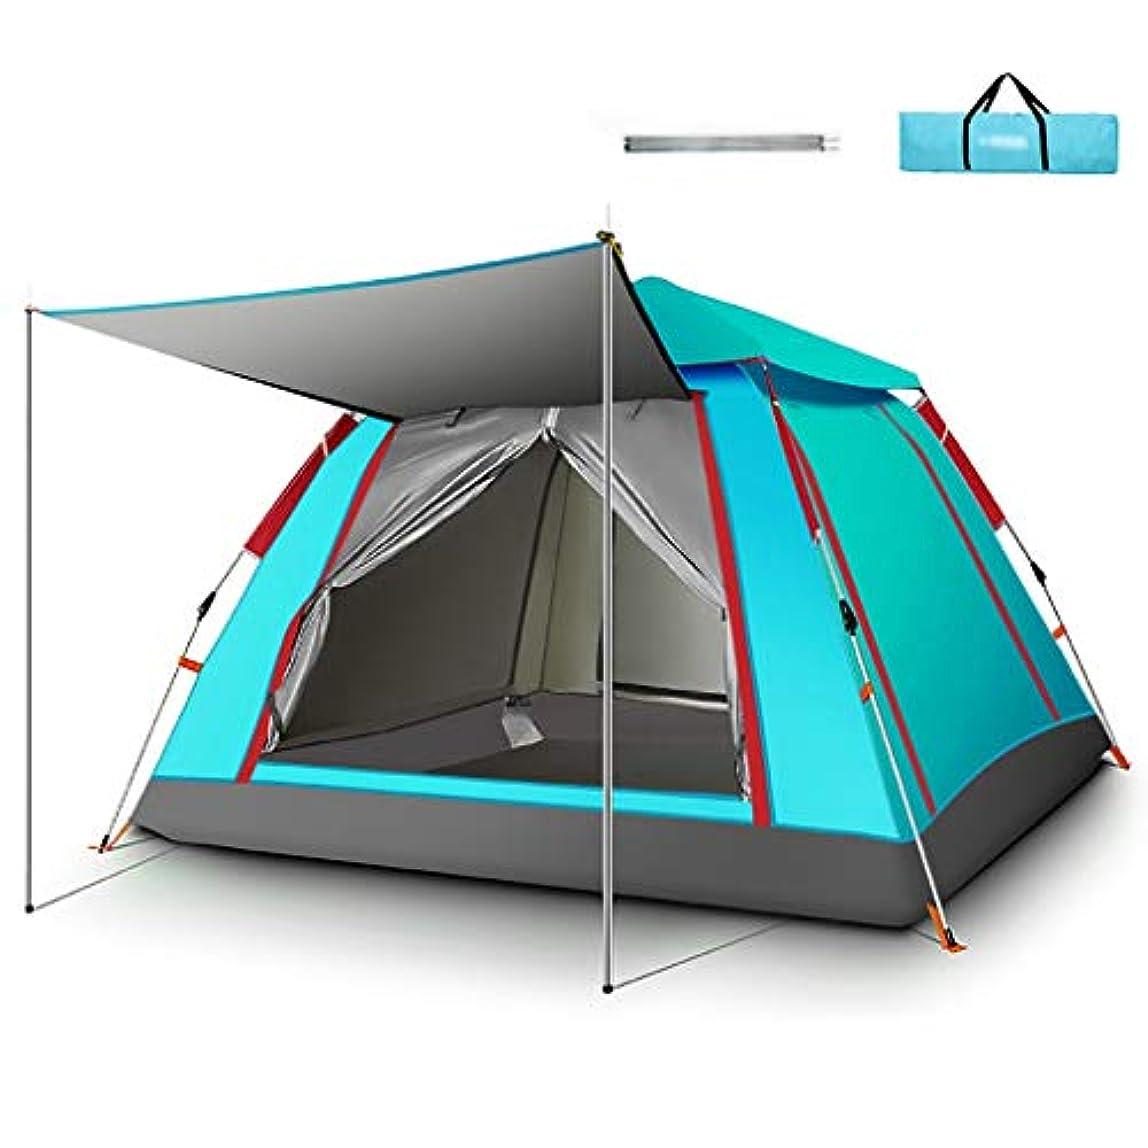 鹿マッサージ確保するキャリングバッグ付き5?8人防水全自動スピードオープンテント - ファミリーキャンプテント用ポップアップテント (Color : C)